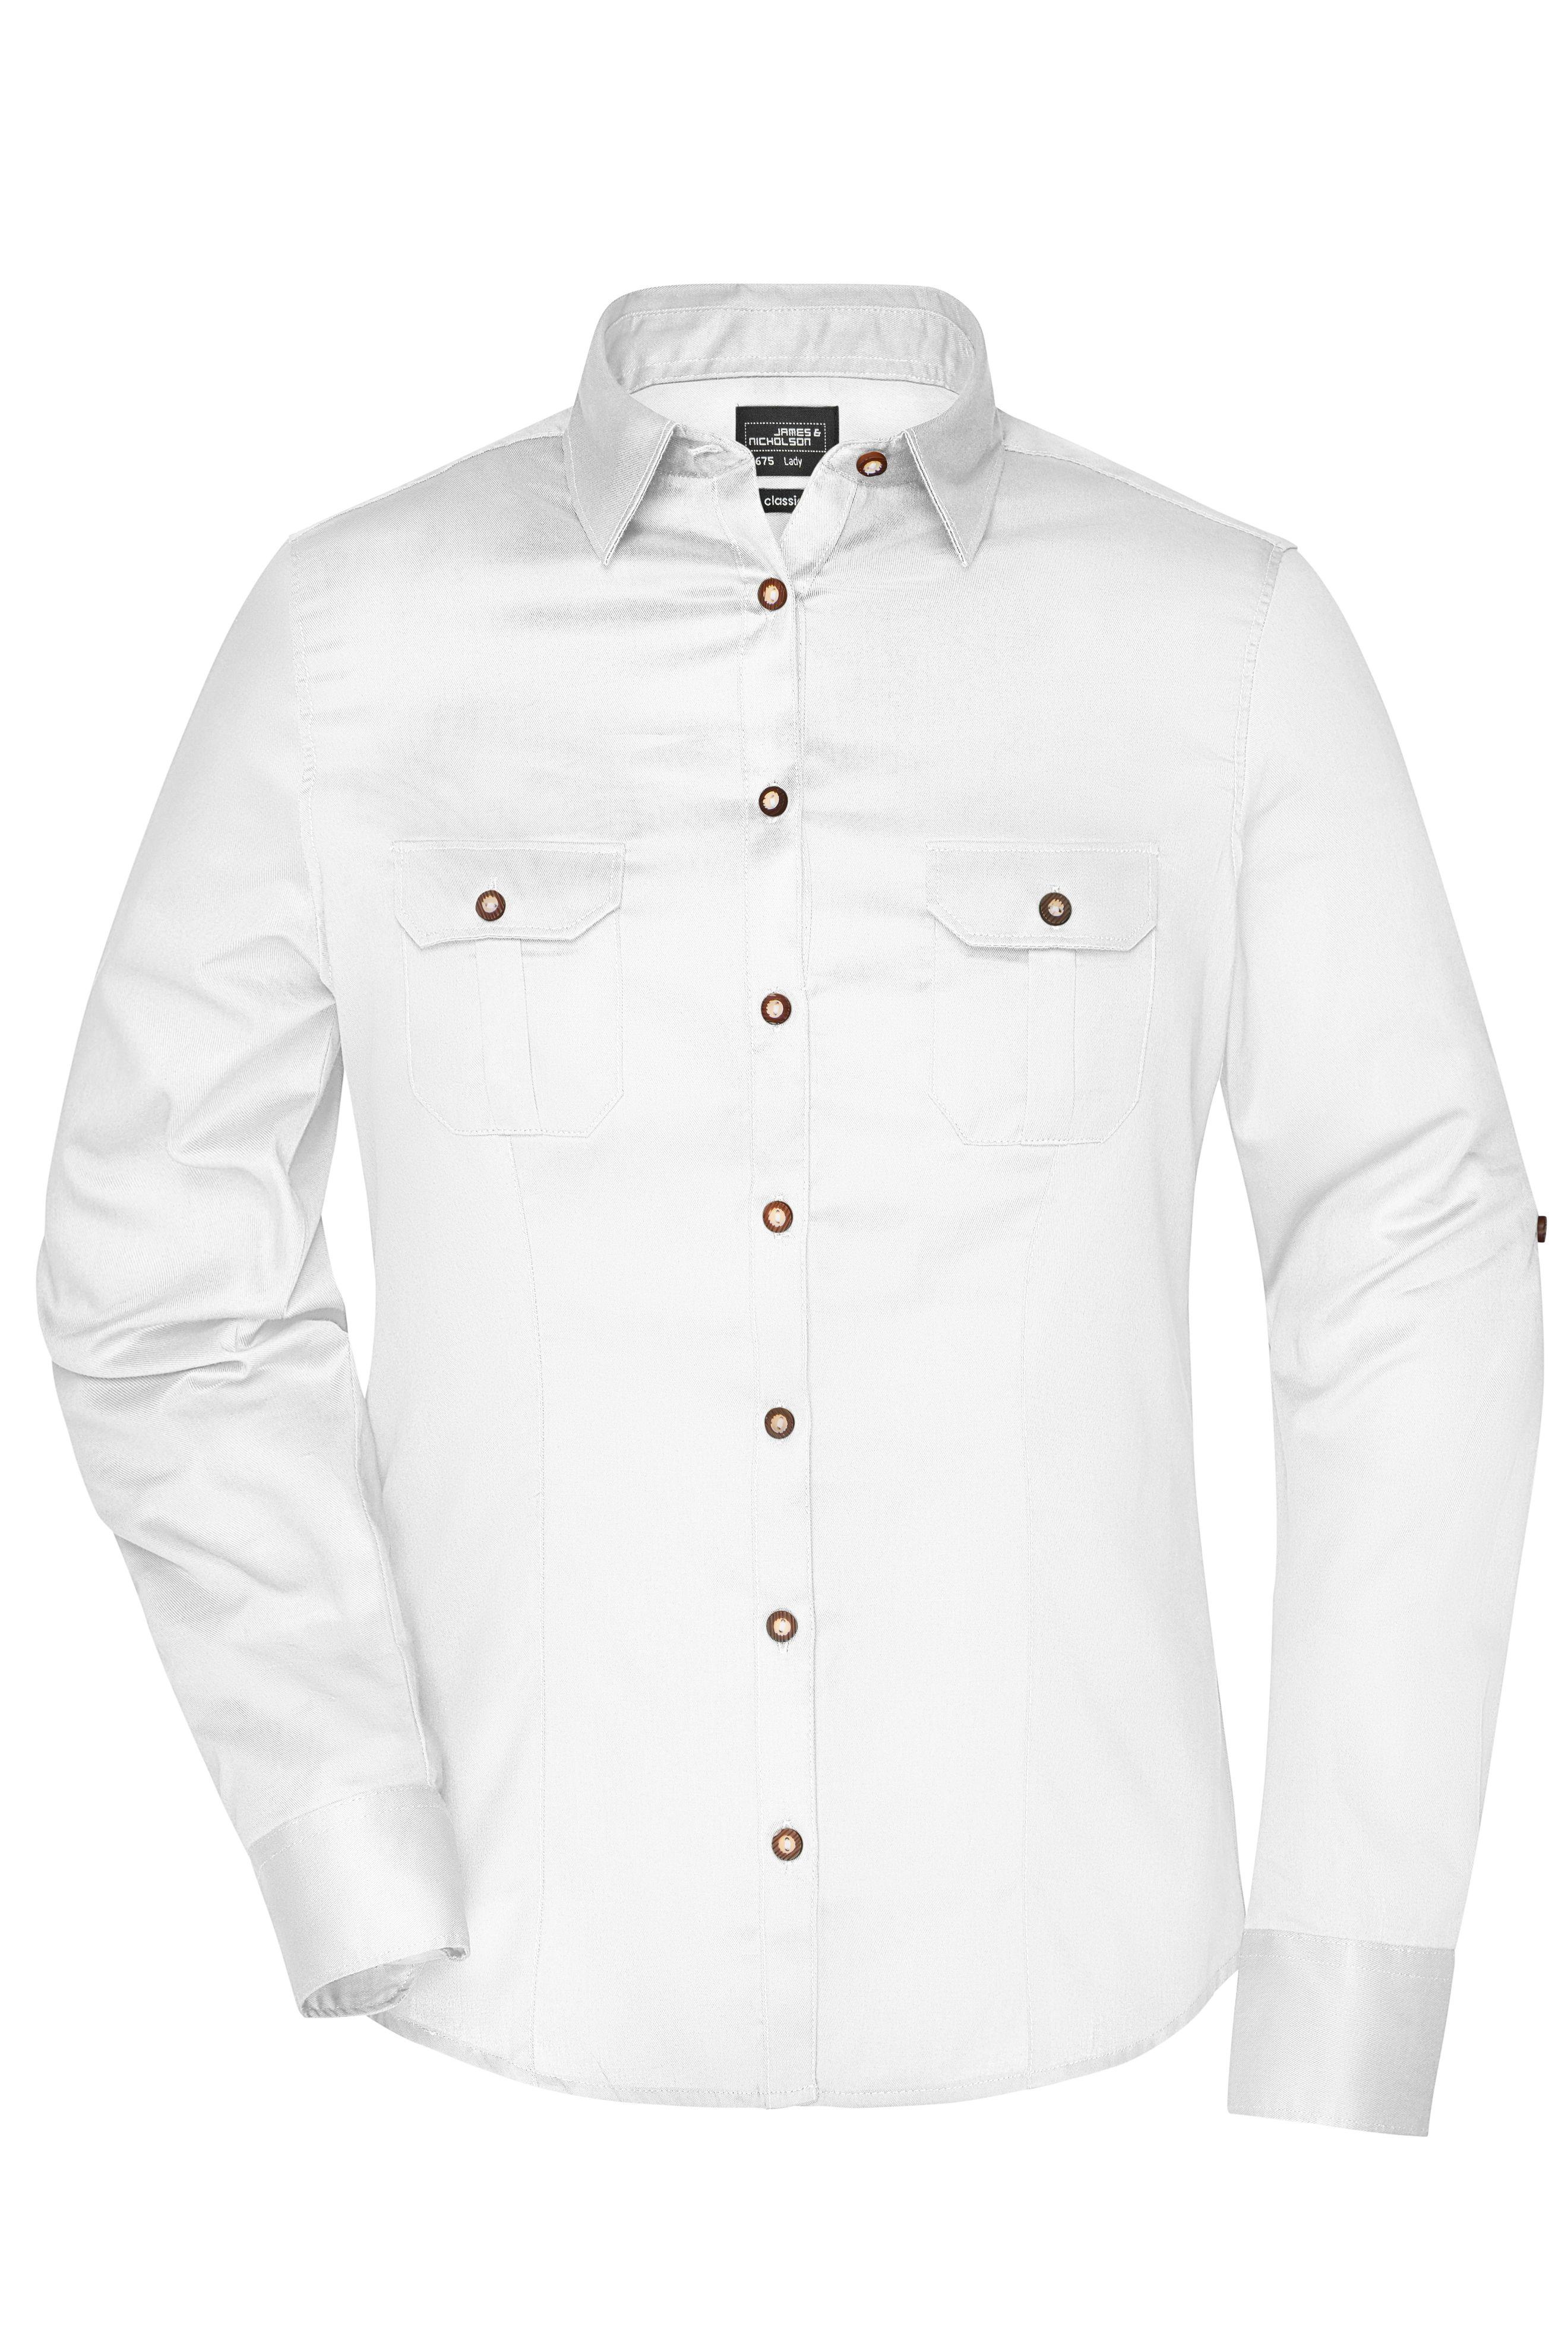 Damen-Bluse und Herren-Hemd im Trachtenlook